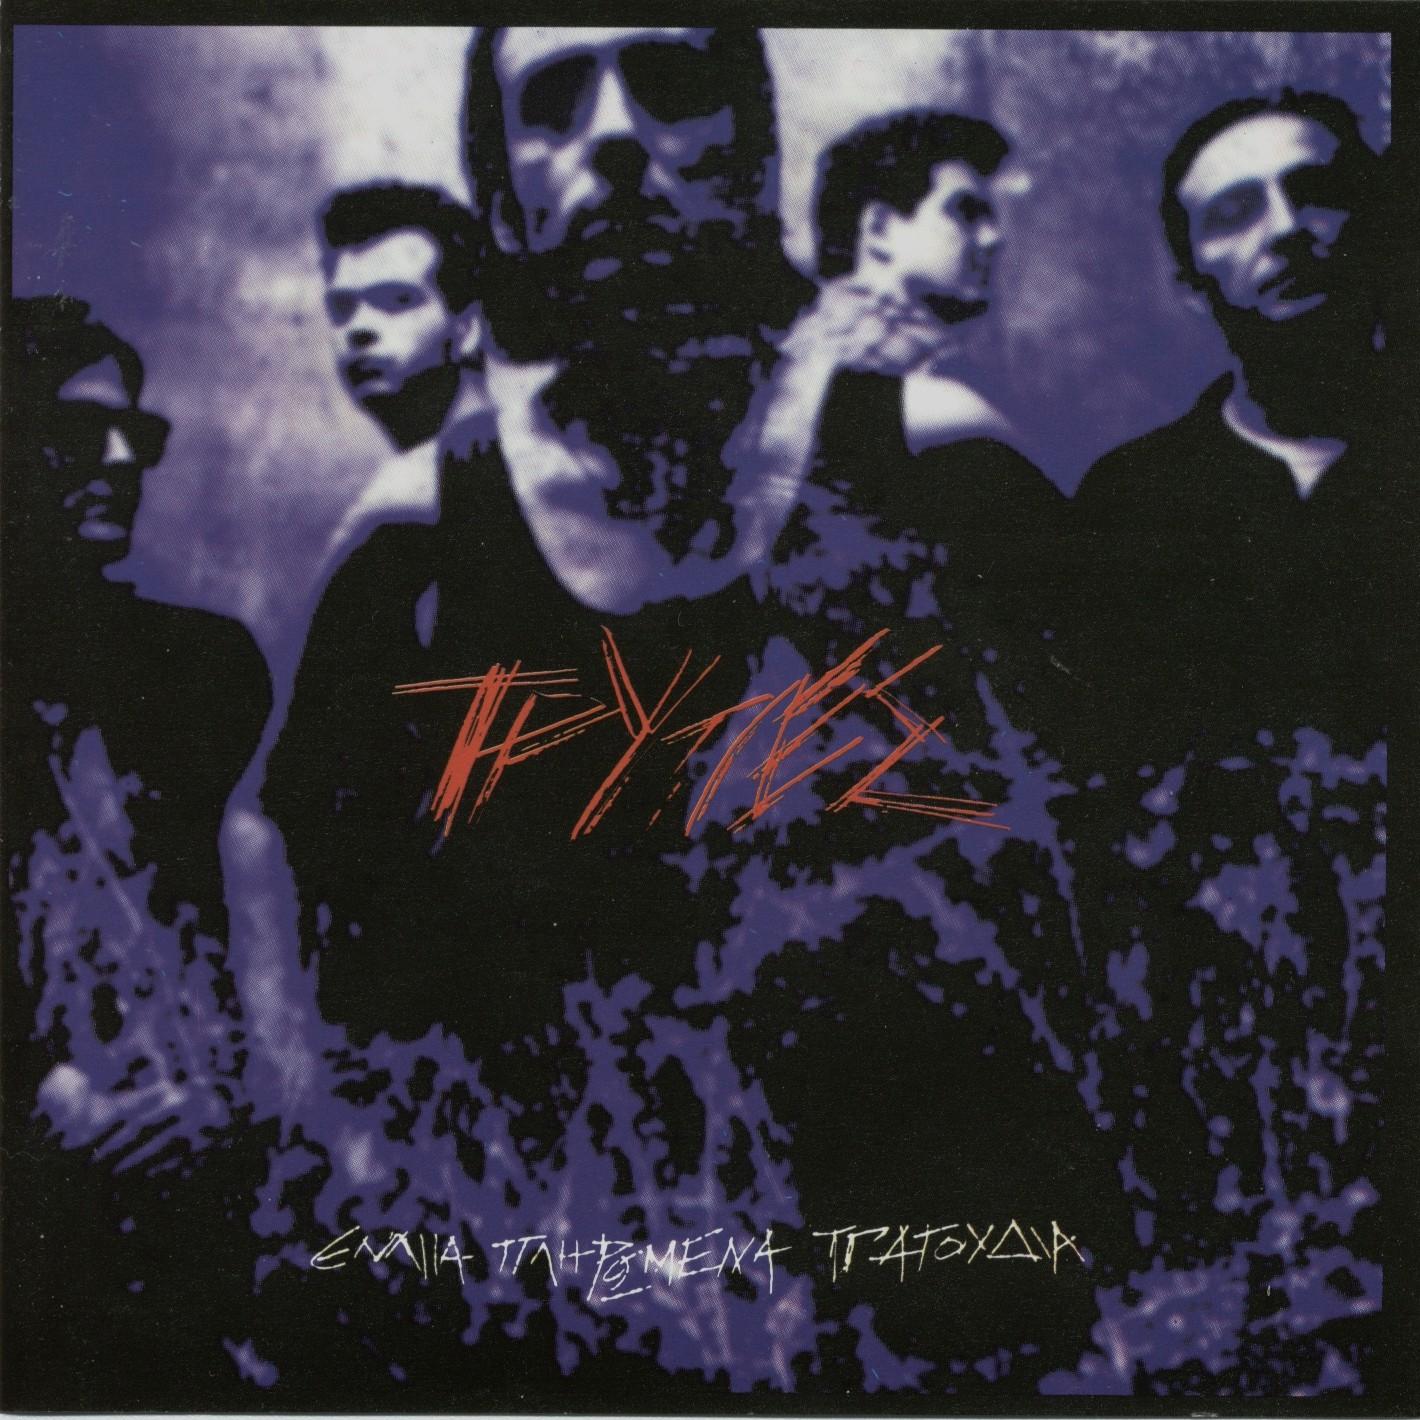 Αυτοί είναι οι 6 ελληνικοί δίσκοι που ακούγαμε μετά μανίας στα 90s